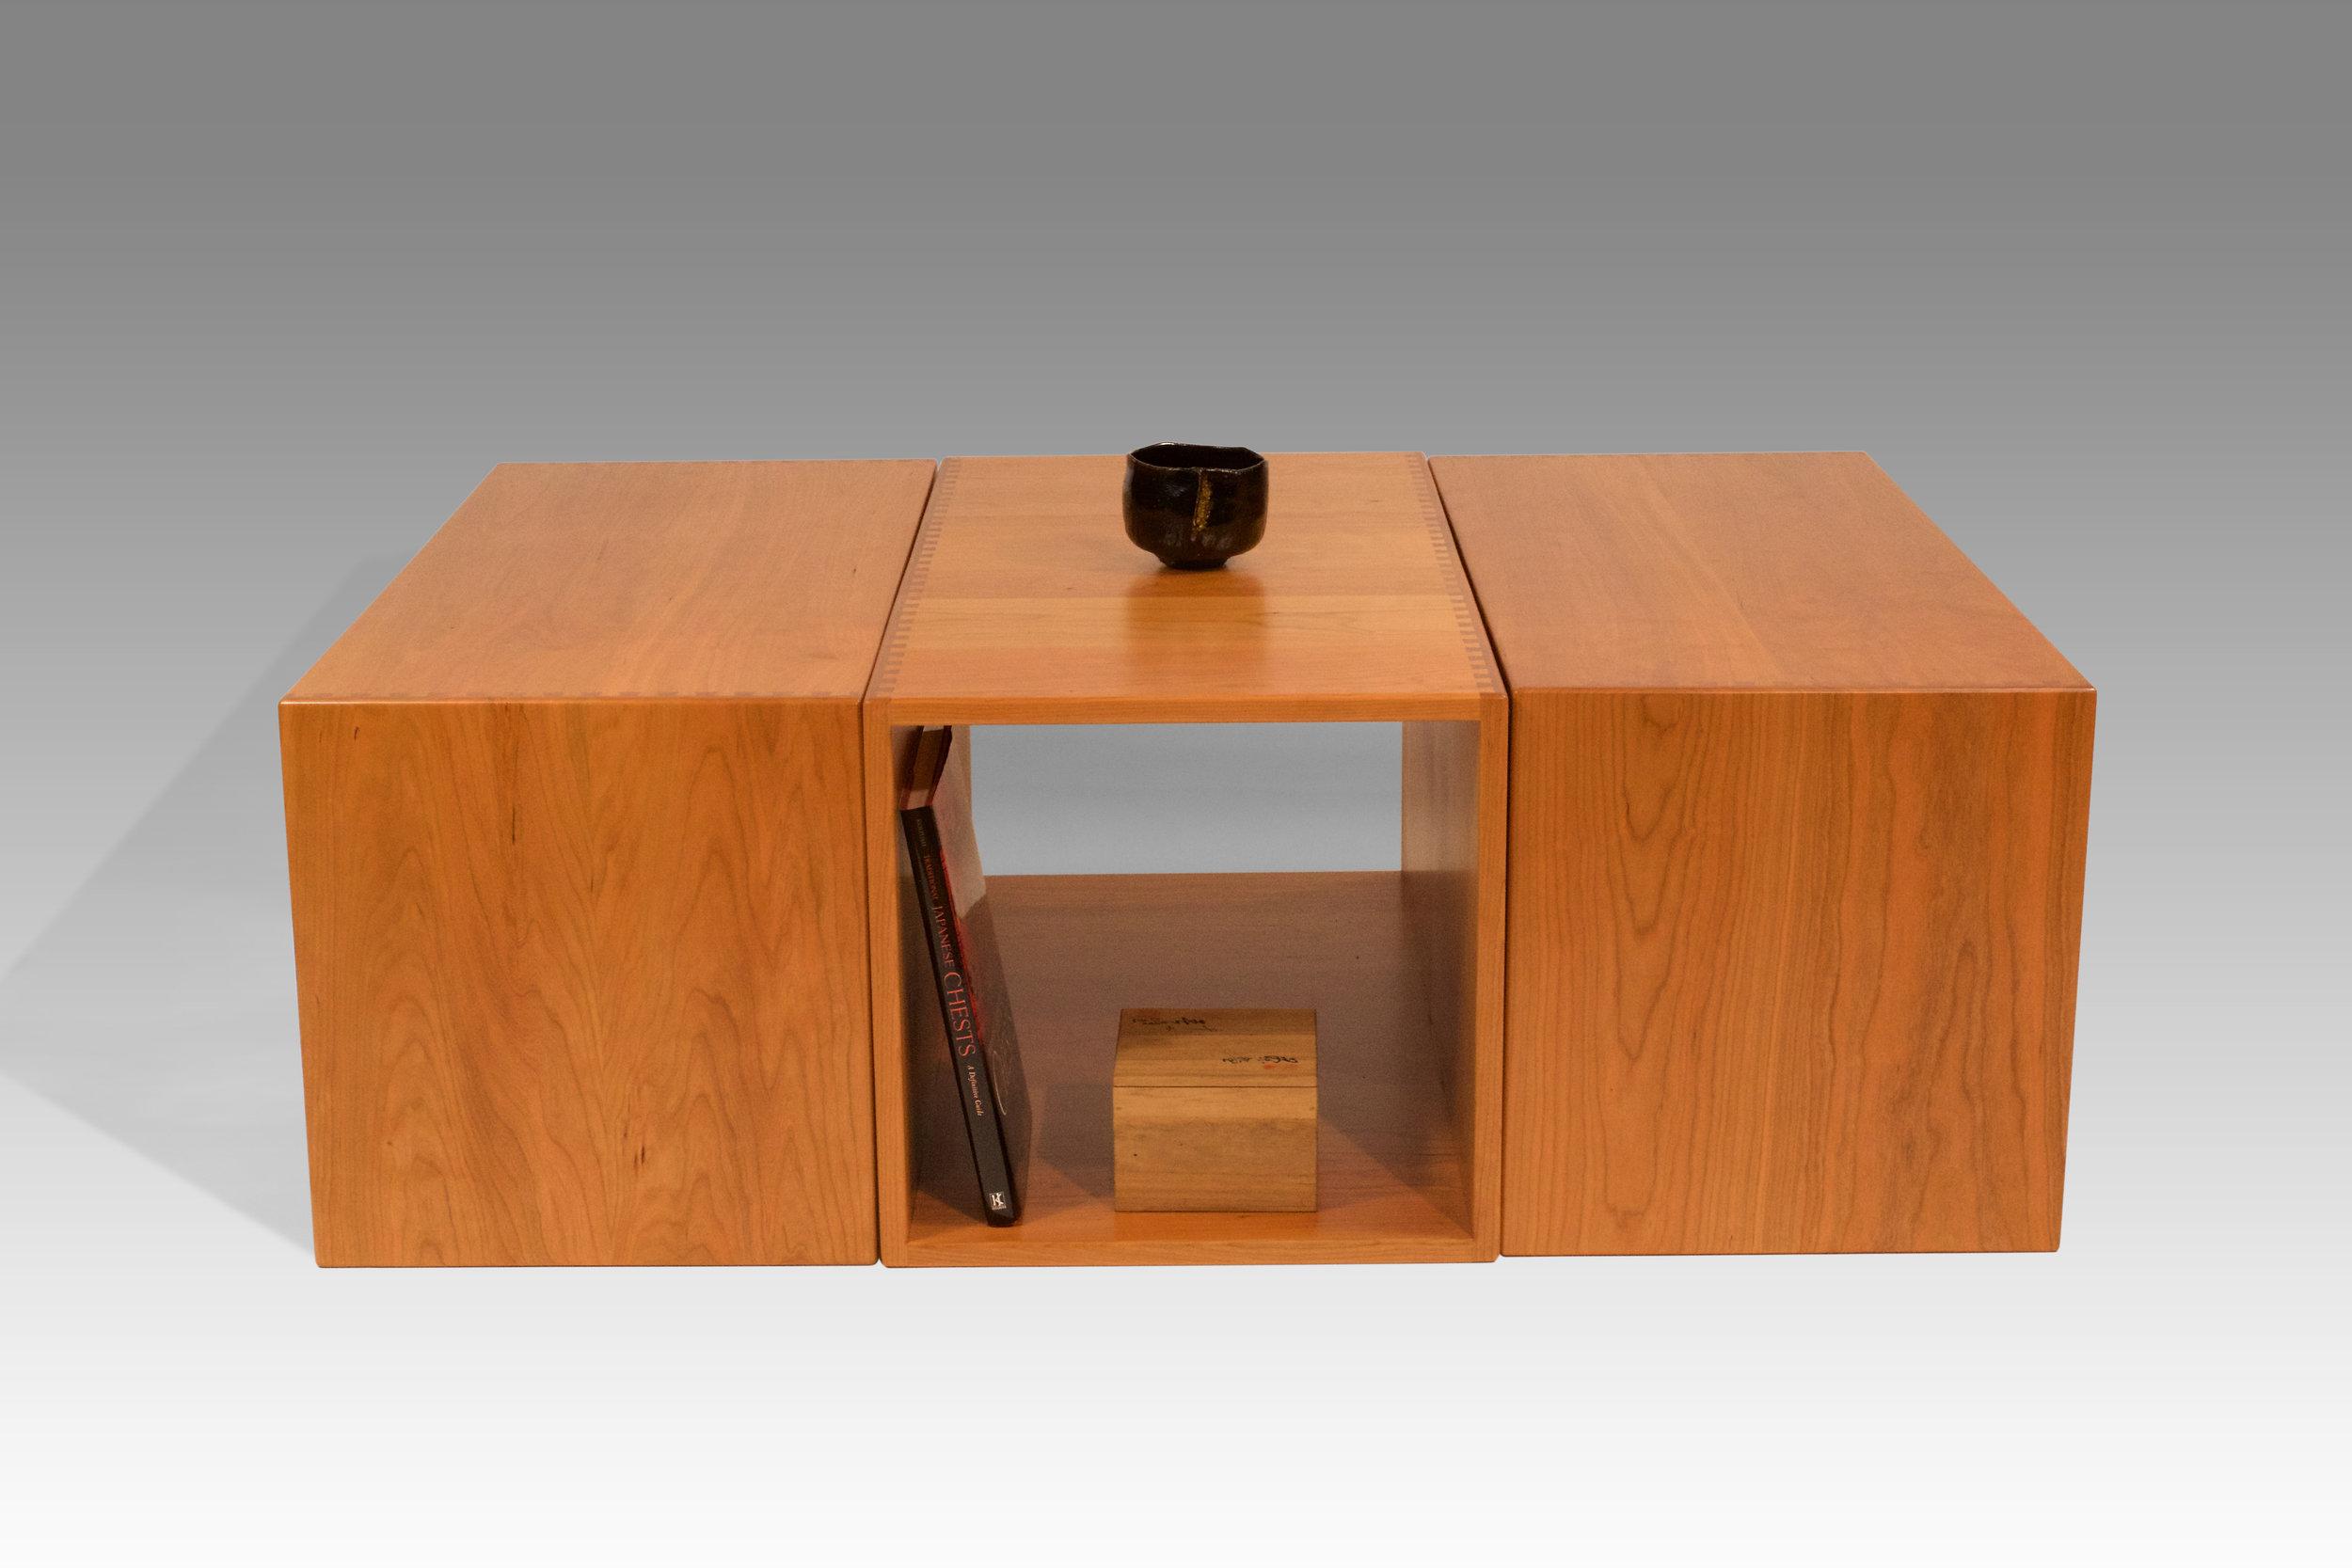 Zipper Coffee Table13 - 1.jpg